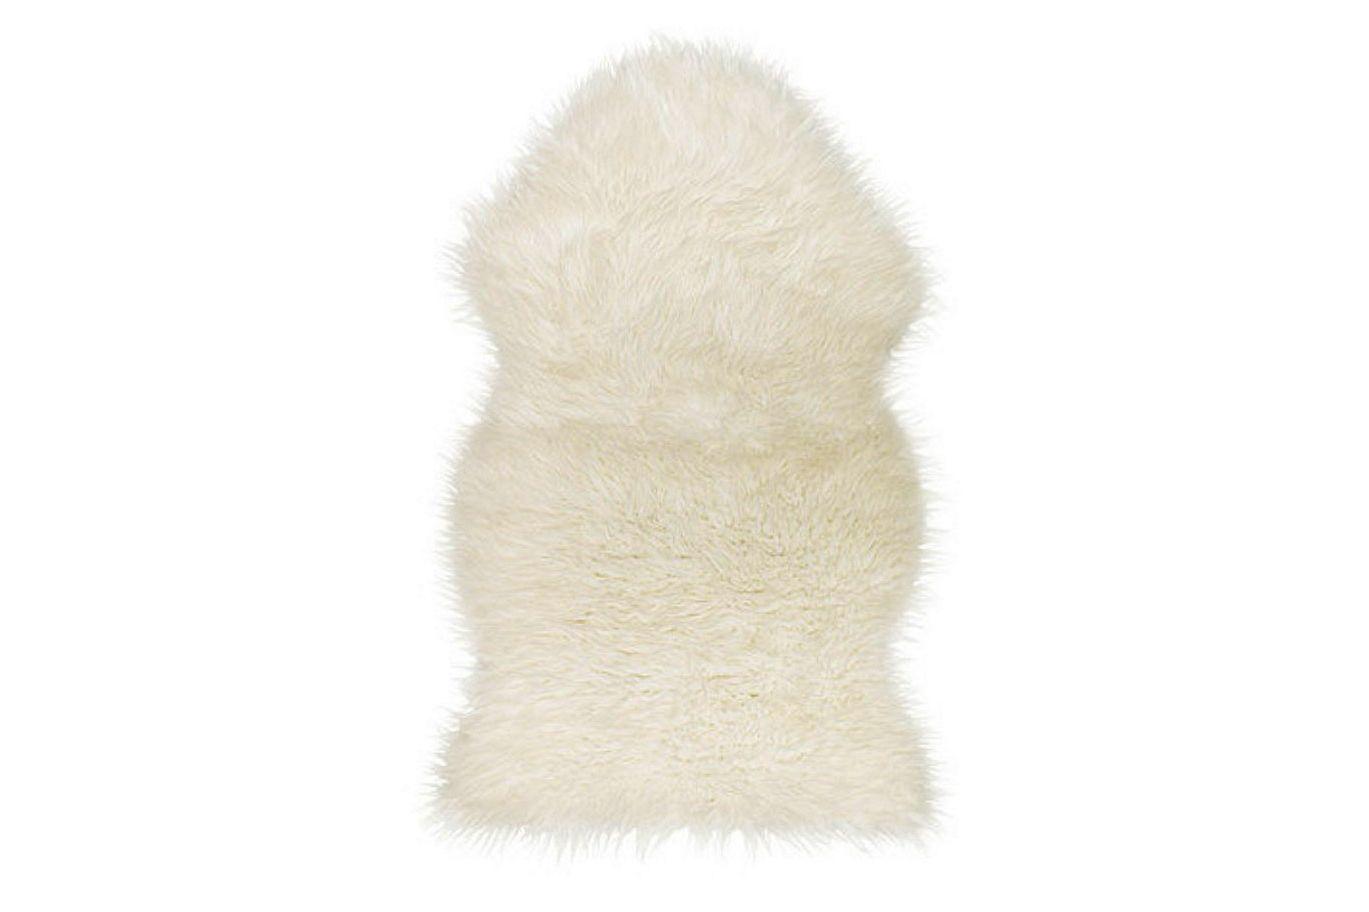 Ikea 302.290.77 Tejn Faux Sheepskin